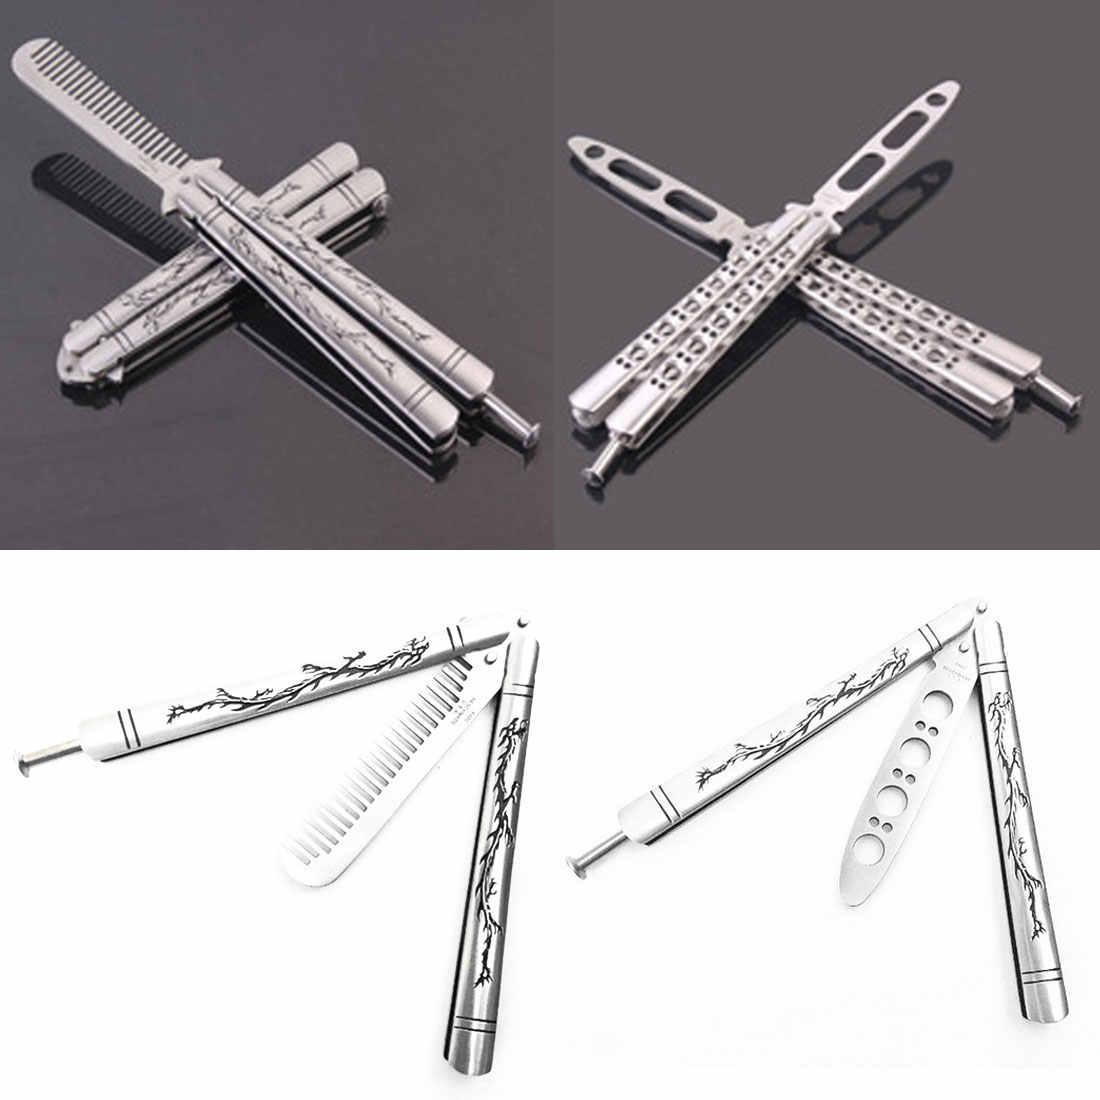 الفولاذ المقاوم للصدأ التنين التيتانيوم المغلفة سكين للفرد التدريب لا فراشة بيضاء حادة مع صندوق